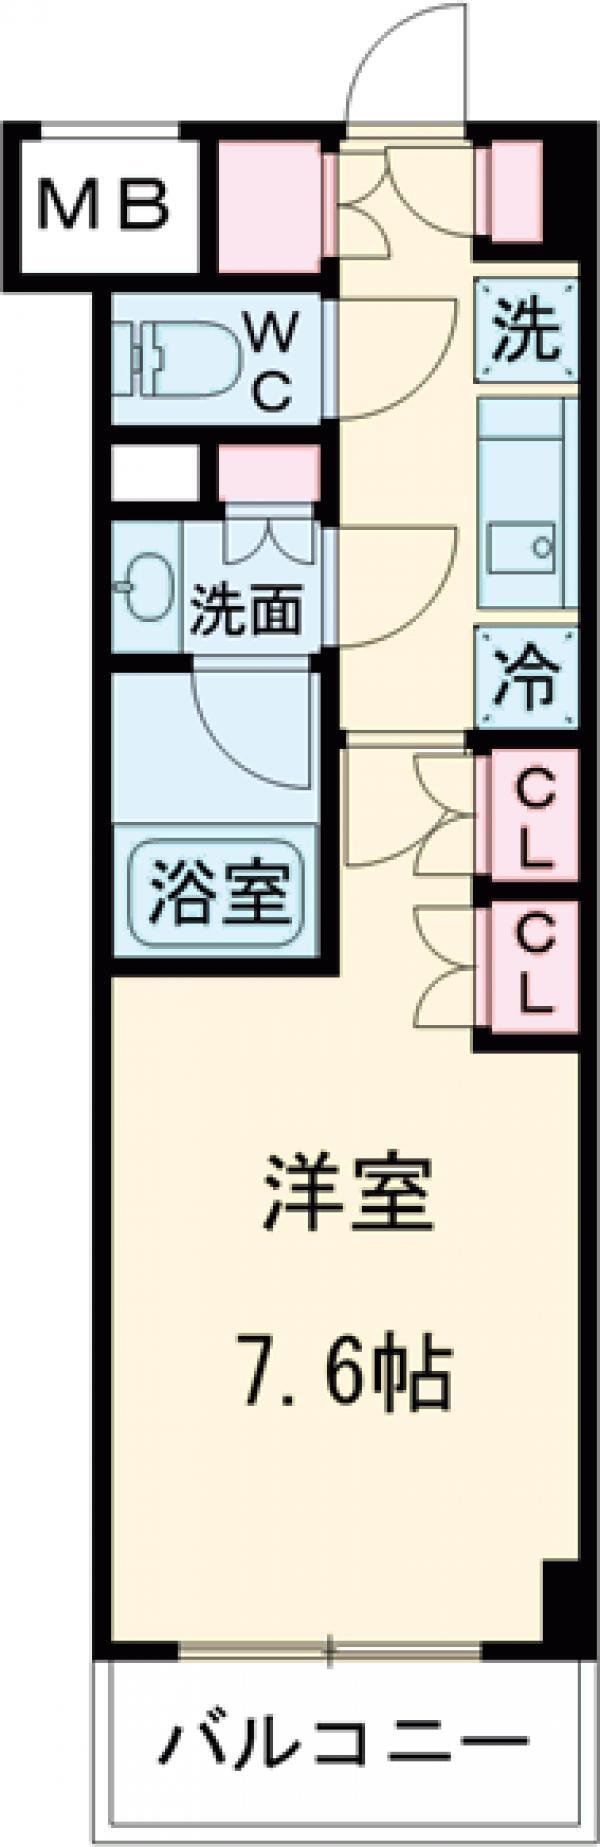 ザ・パークハビオ柿の木坂 102号室の間取り